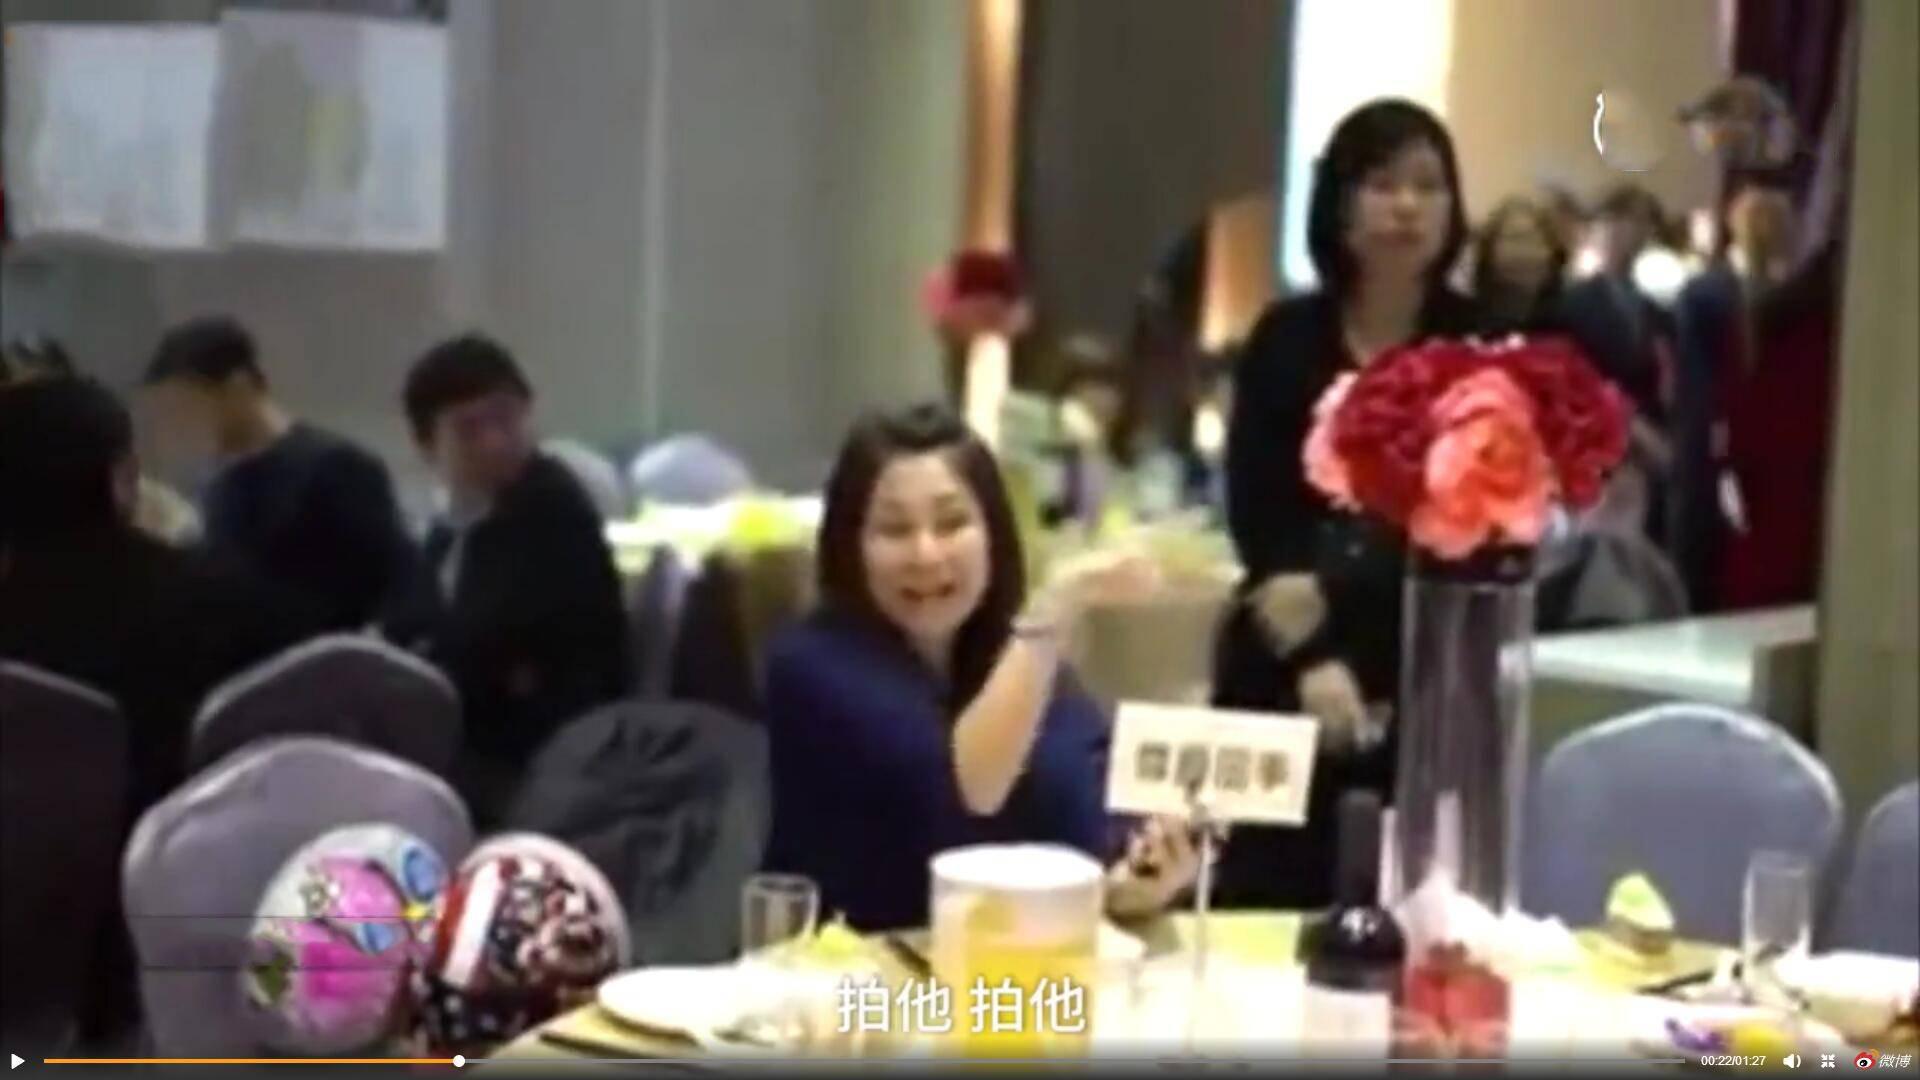 女子蹭婚宴被拆穿 一个人霸占一桌宴席旁若无人的嗑瓜子